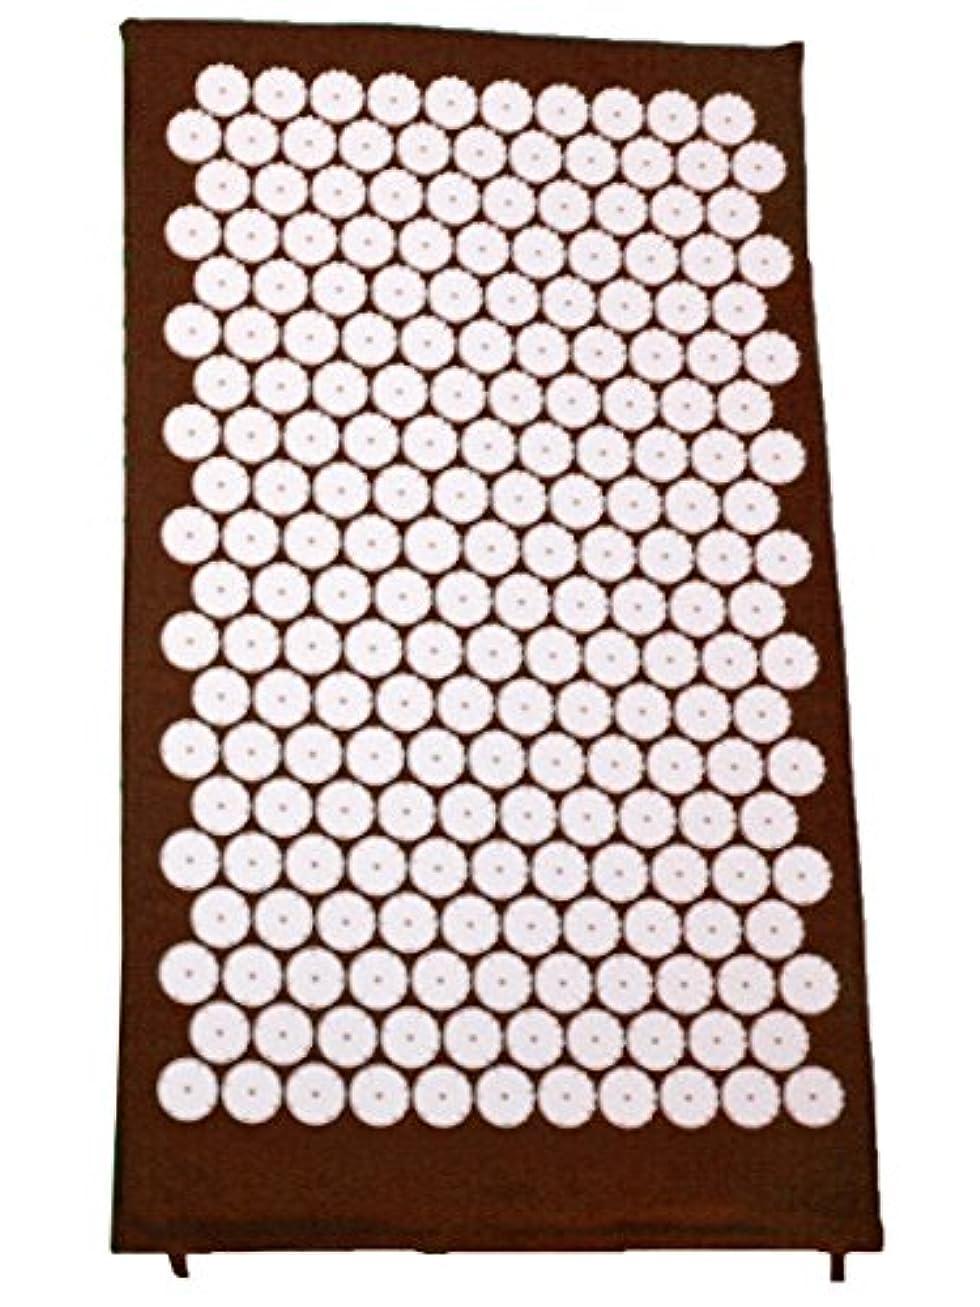 方法起こりやすい結晶ピュアフィット(purefit) スパイスマット PF410 (ブラウン:PF410Br)